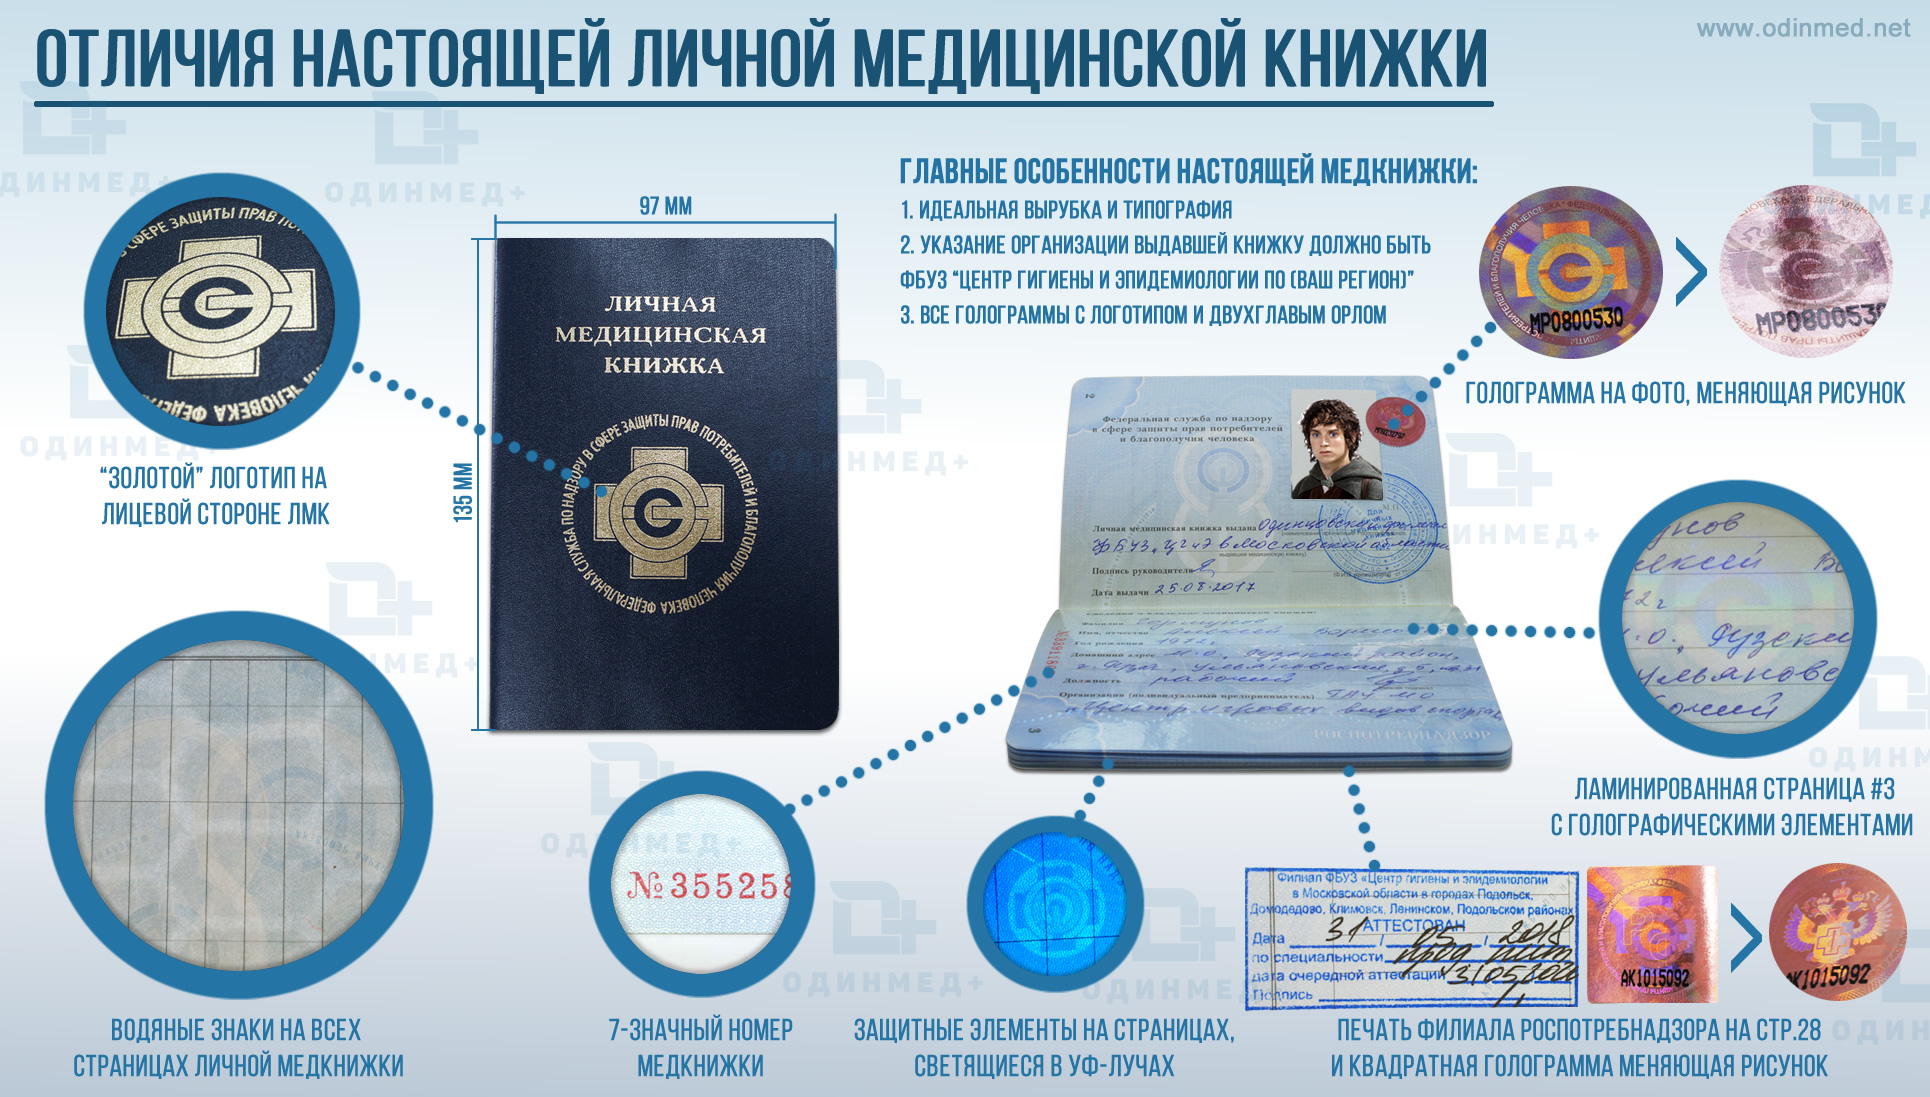 Купить медицинскую книжку в Москве Крылатское без прохождения врачей